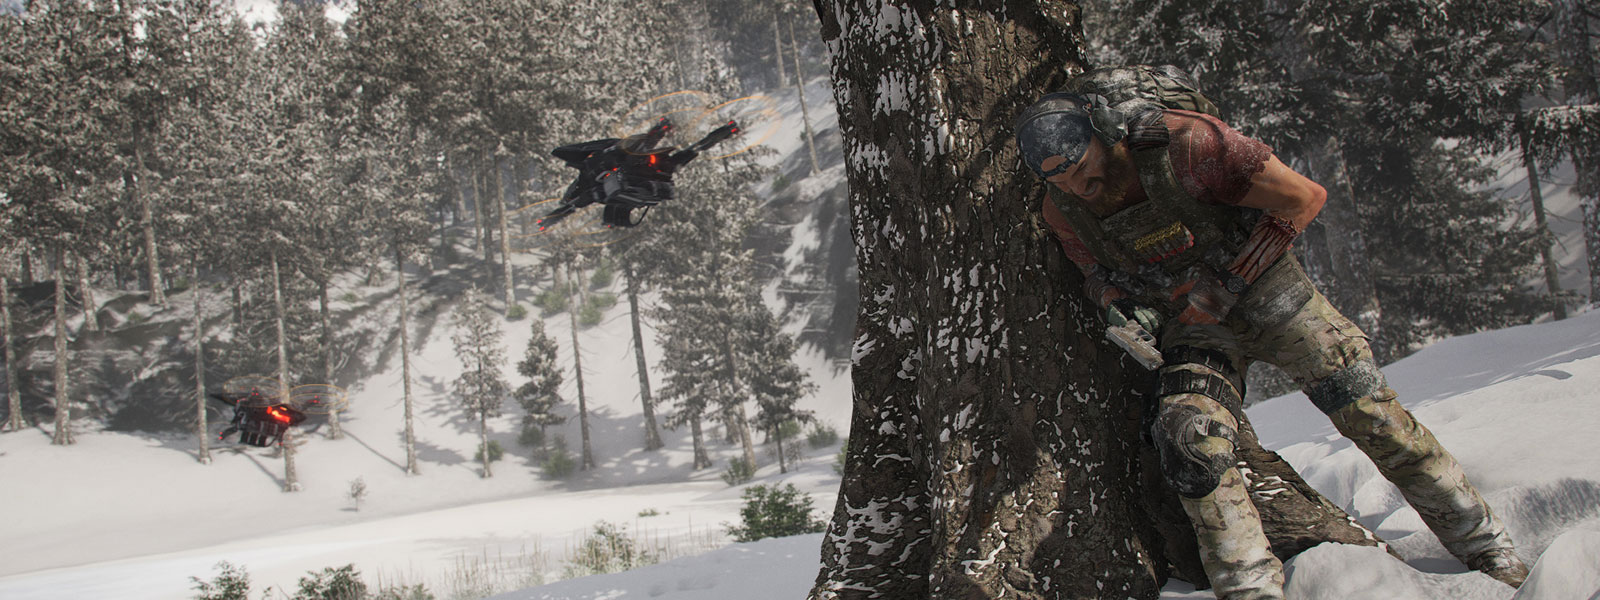 Charakter in militärischer Ausrüstung, der sich hinter einem Baum in einer verschneiten Landschaft mit zwei Drohnen versteckt